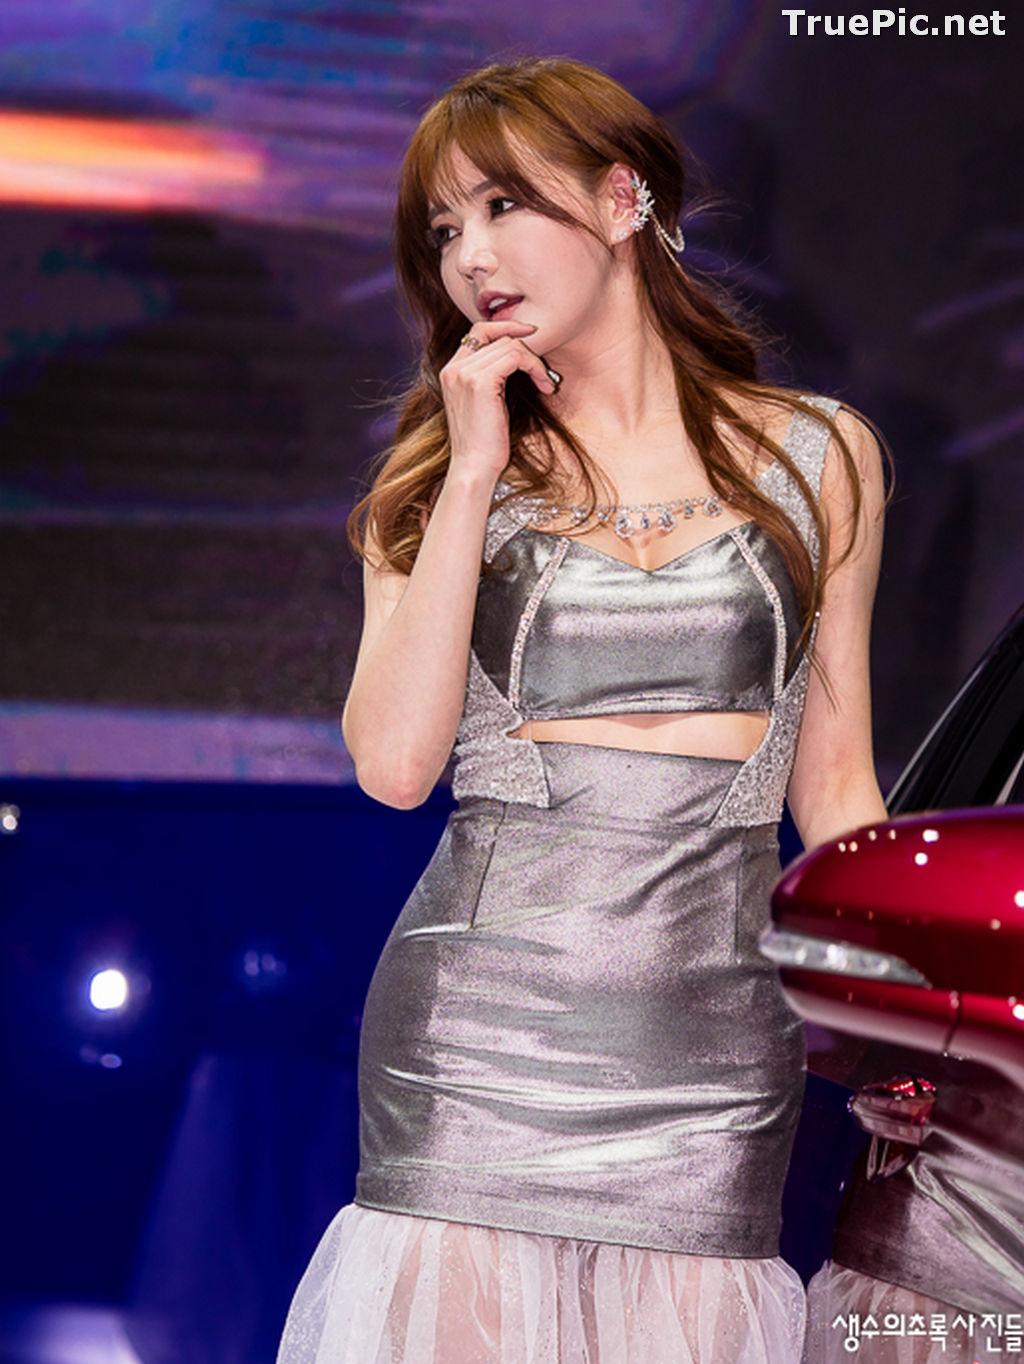 Image Best Beautiful Images Of Korean Racing Queen Han Ga Eun #3 - TruePic.net - Picture-8